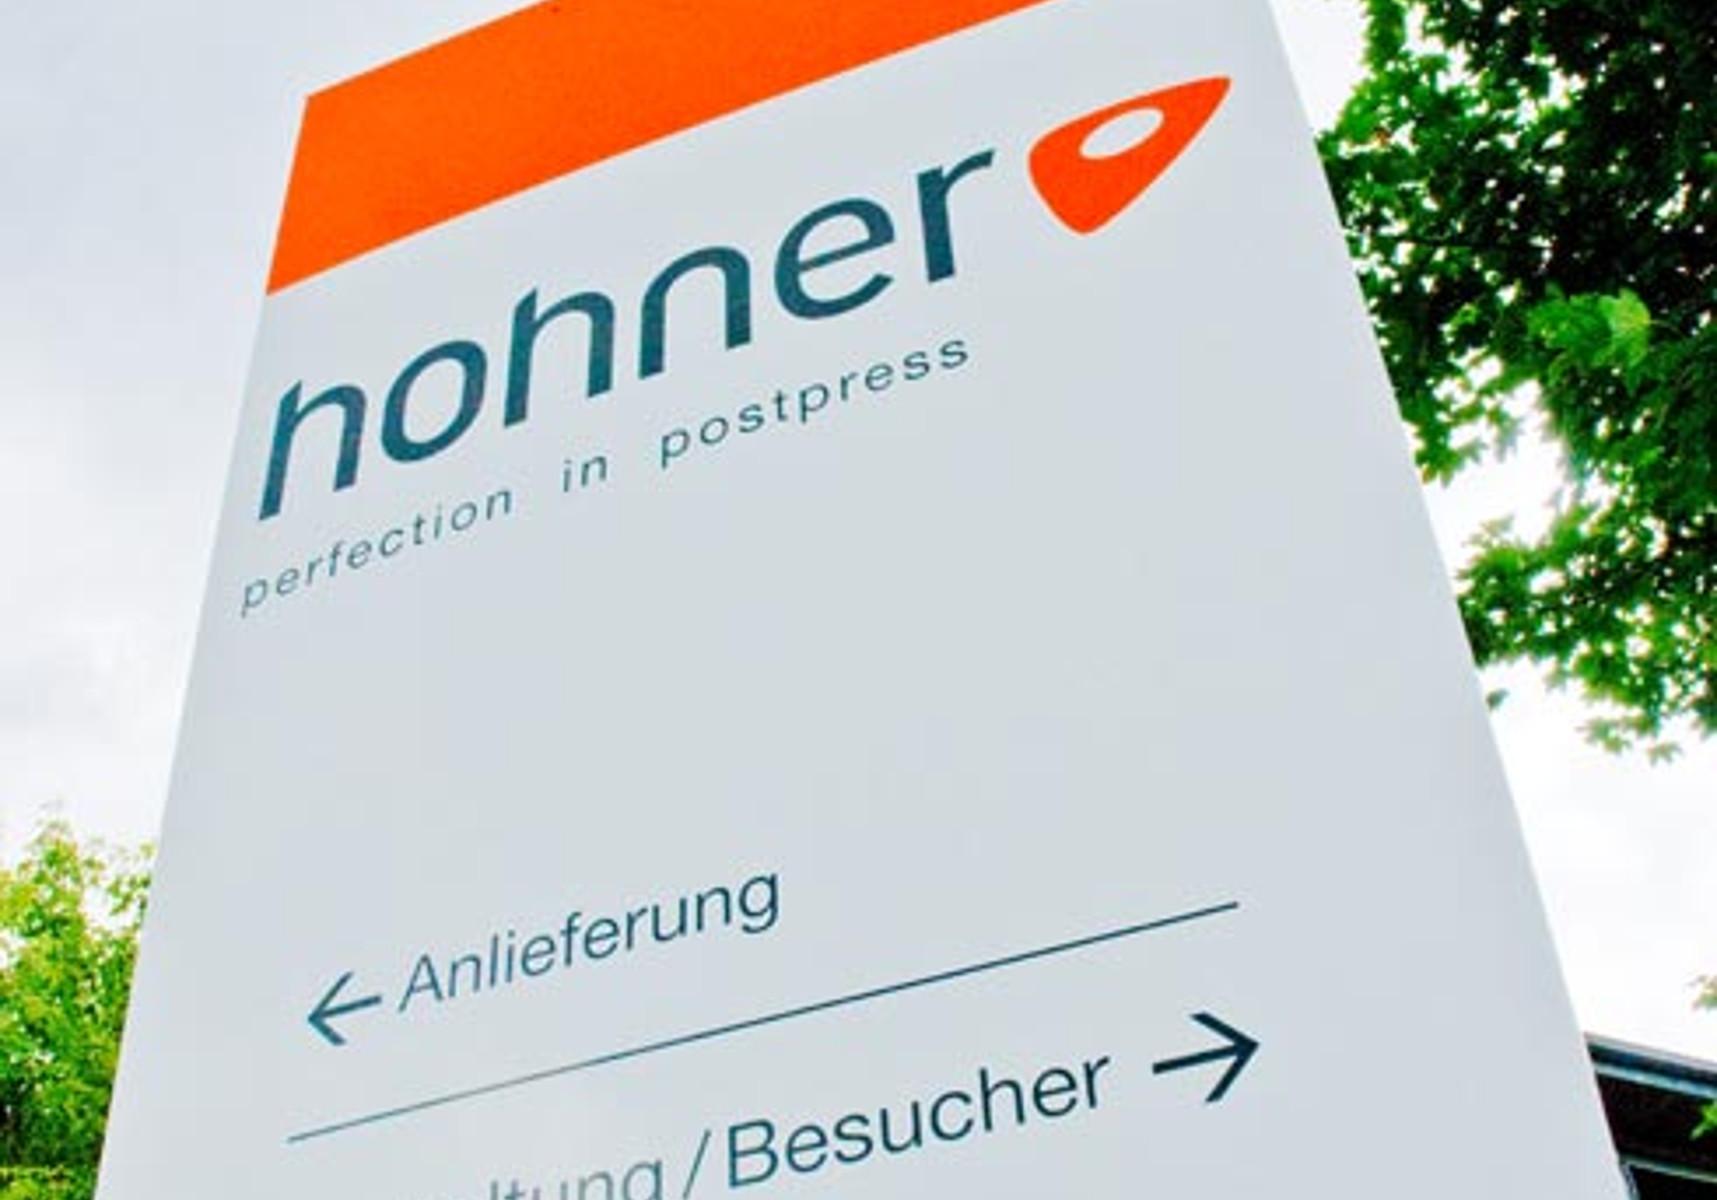 Hohner Messestand Drupa Düsseldorf Unternehmen